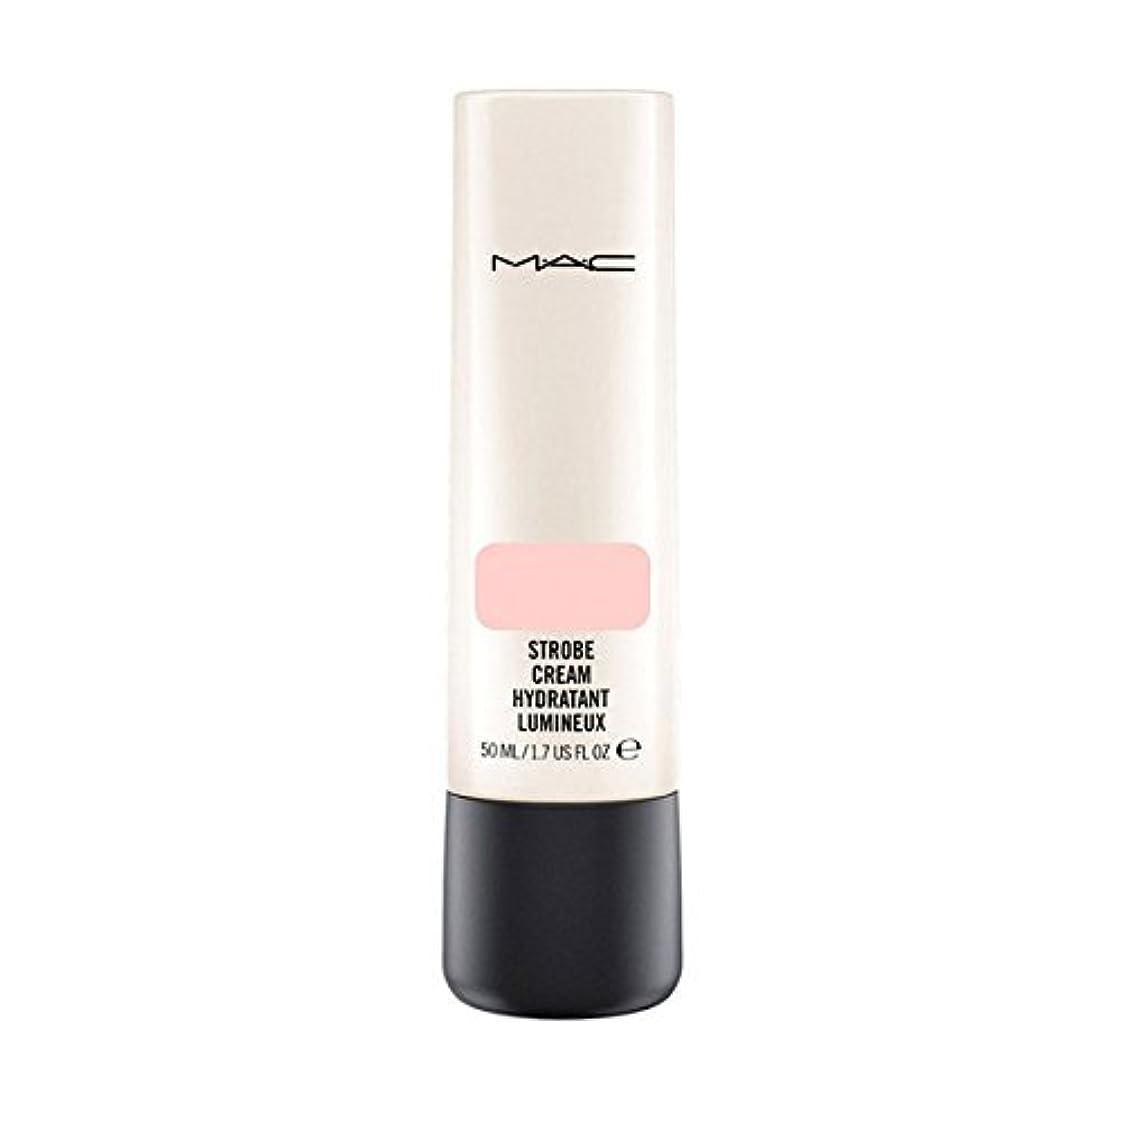 日光散歩に行く金属マック(MAC) ストロボ クリーム ピンク ライト/Pink Light 50ml[並行輸入品]